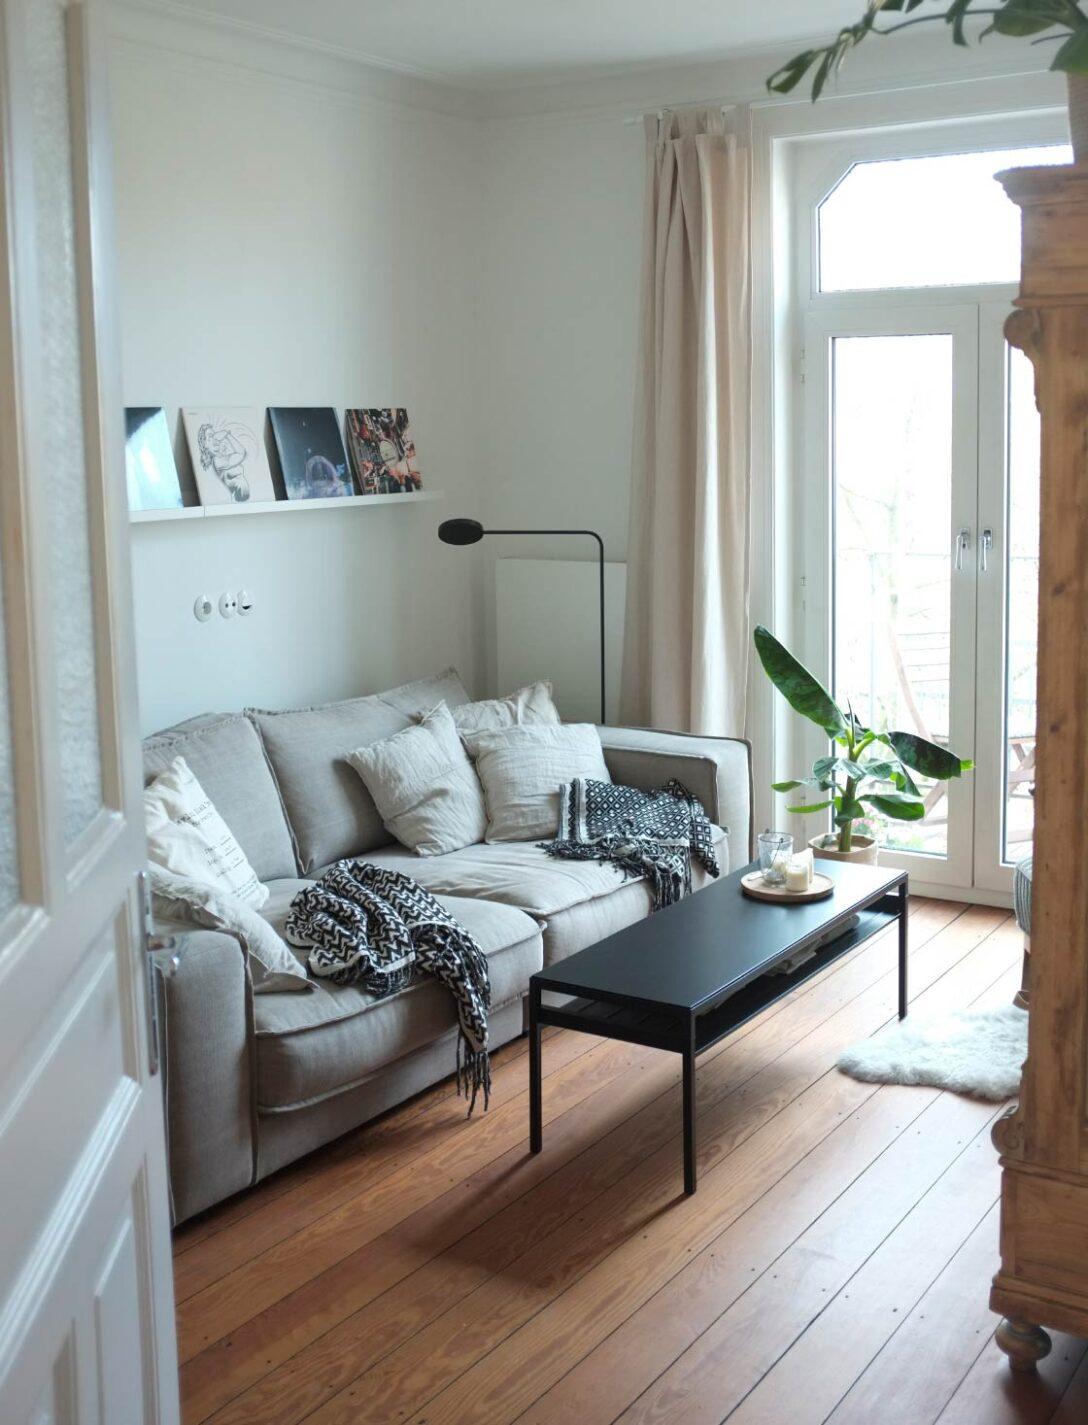 Large Size of Graues Sofa Welche Wandfarbe Graue Couch Kissen Teppich Farbe Kombinieren Weisser Kissenfarbe Dekoration Brauner Der Allrounder Fr Dein Zuhause Wohnklamotte Sofa Graues Sofa